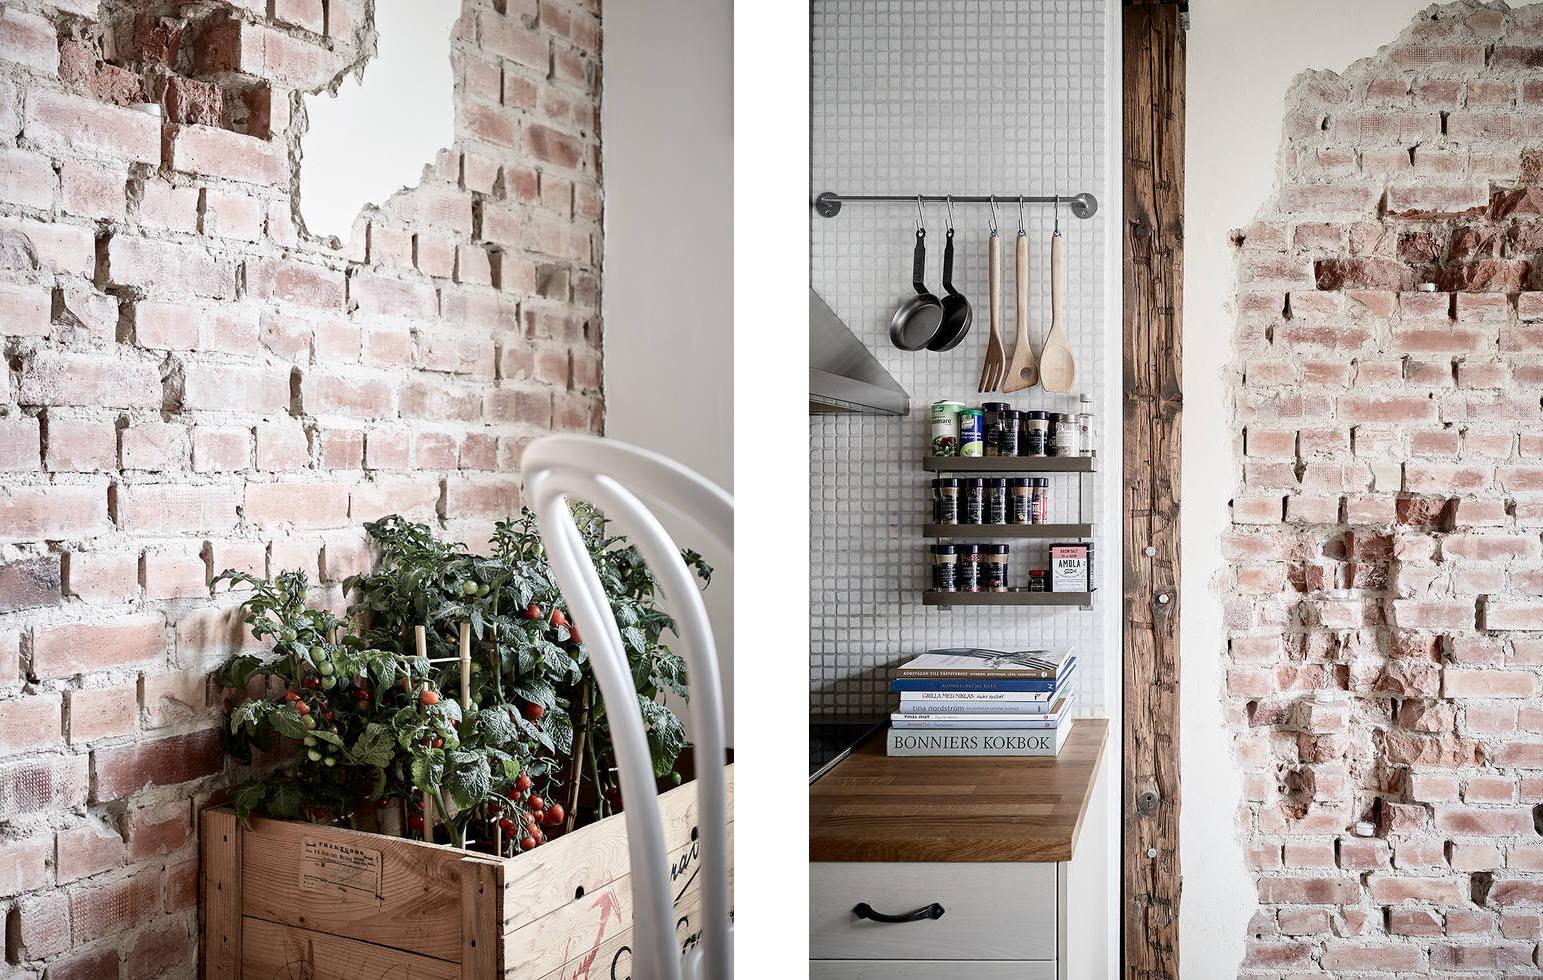 Cucina con mattoni a vista e dettagli architettonici - Archi mattoni vista in cucina ...